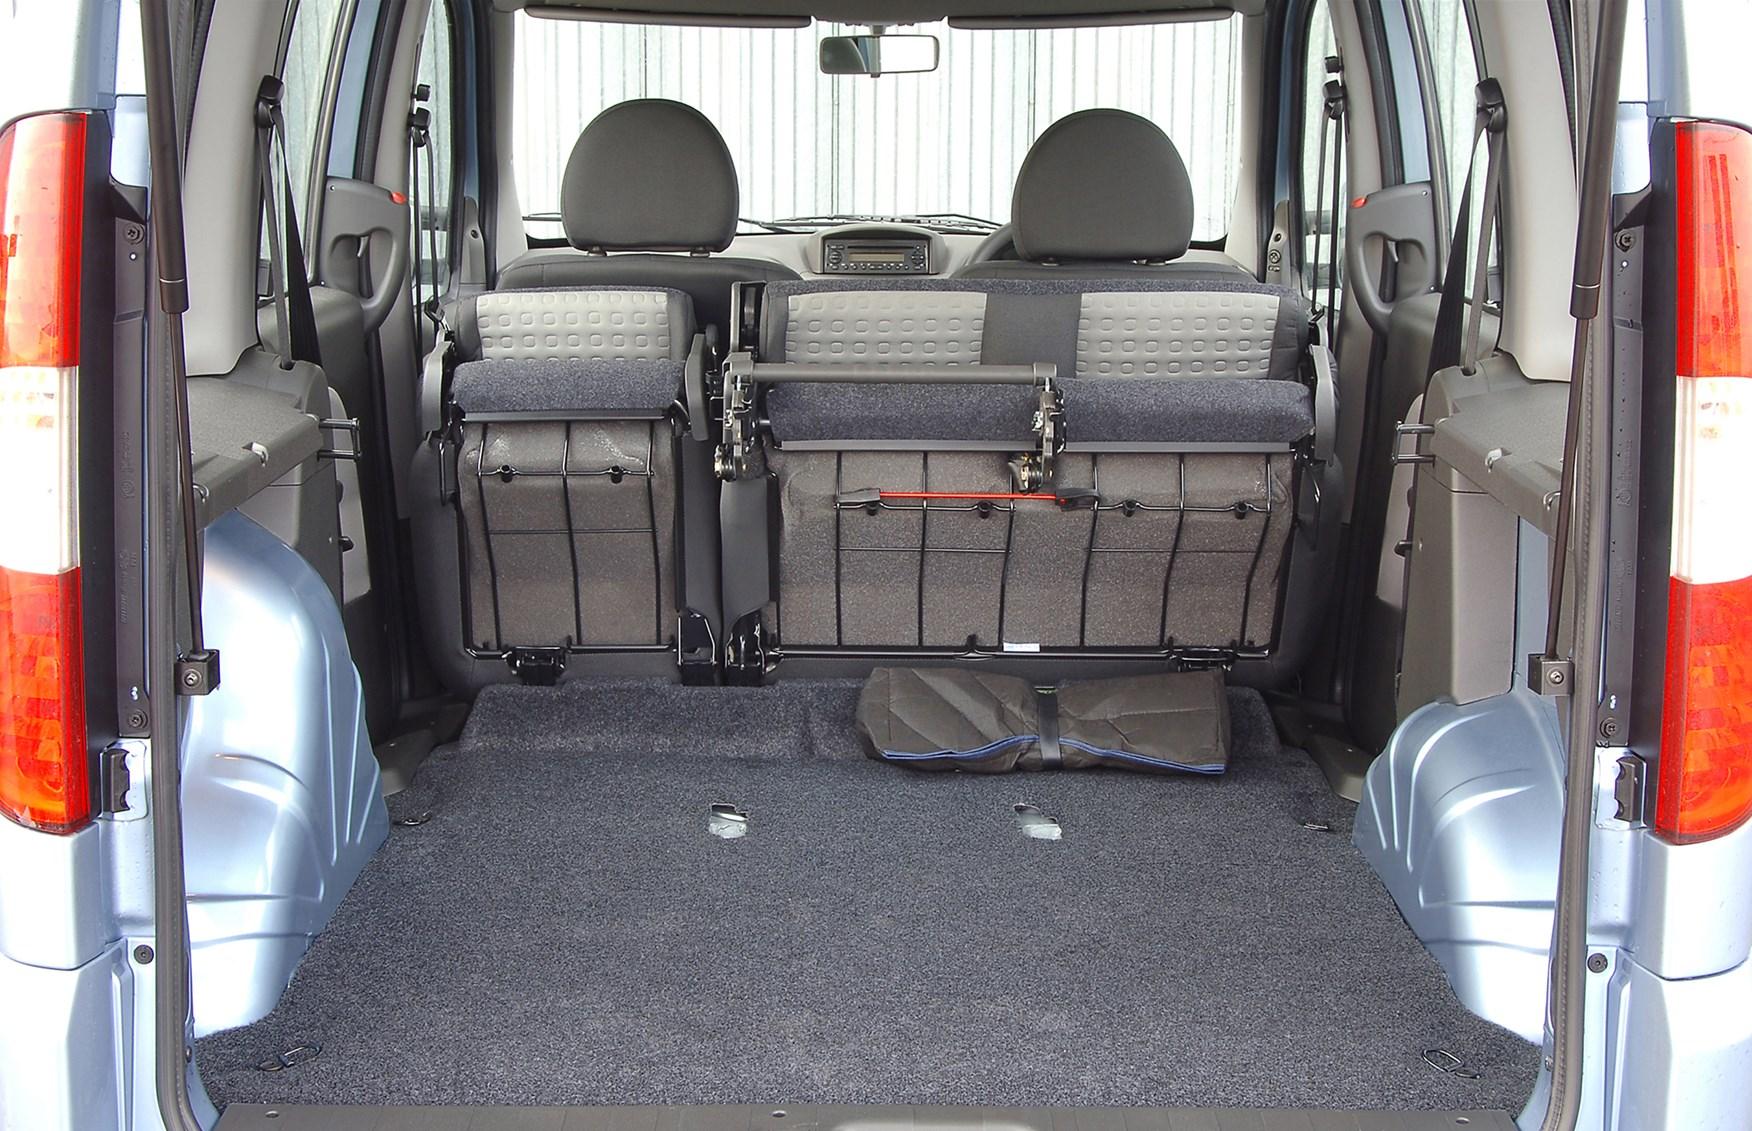 Fiat Doblo Estate 2001 2010 Features Equipment And